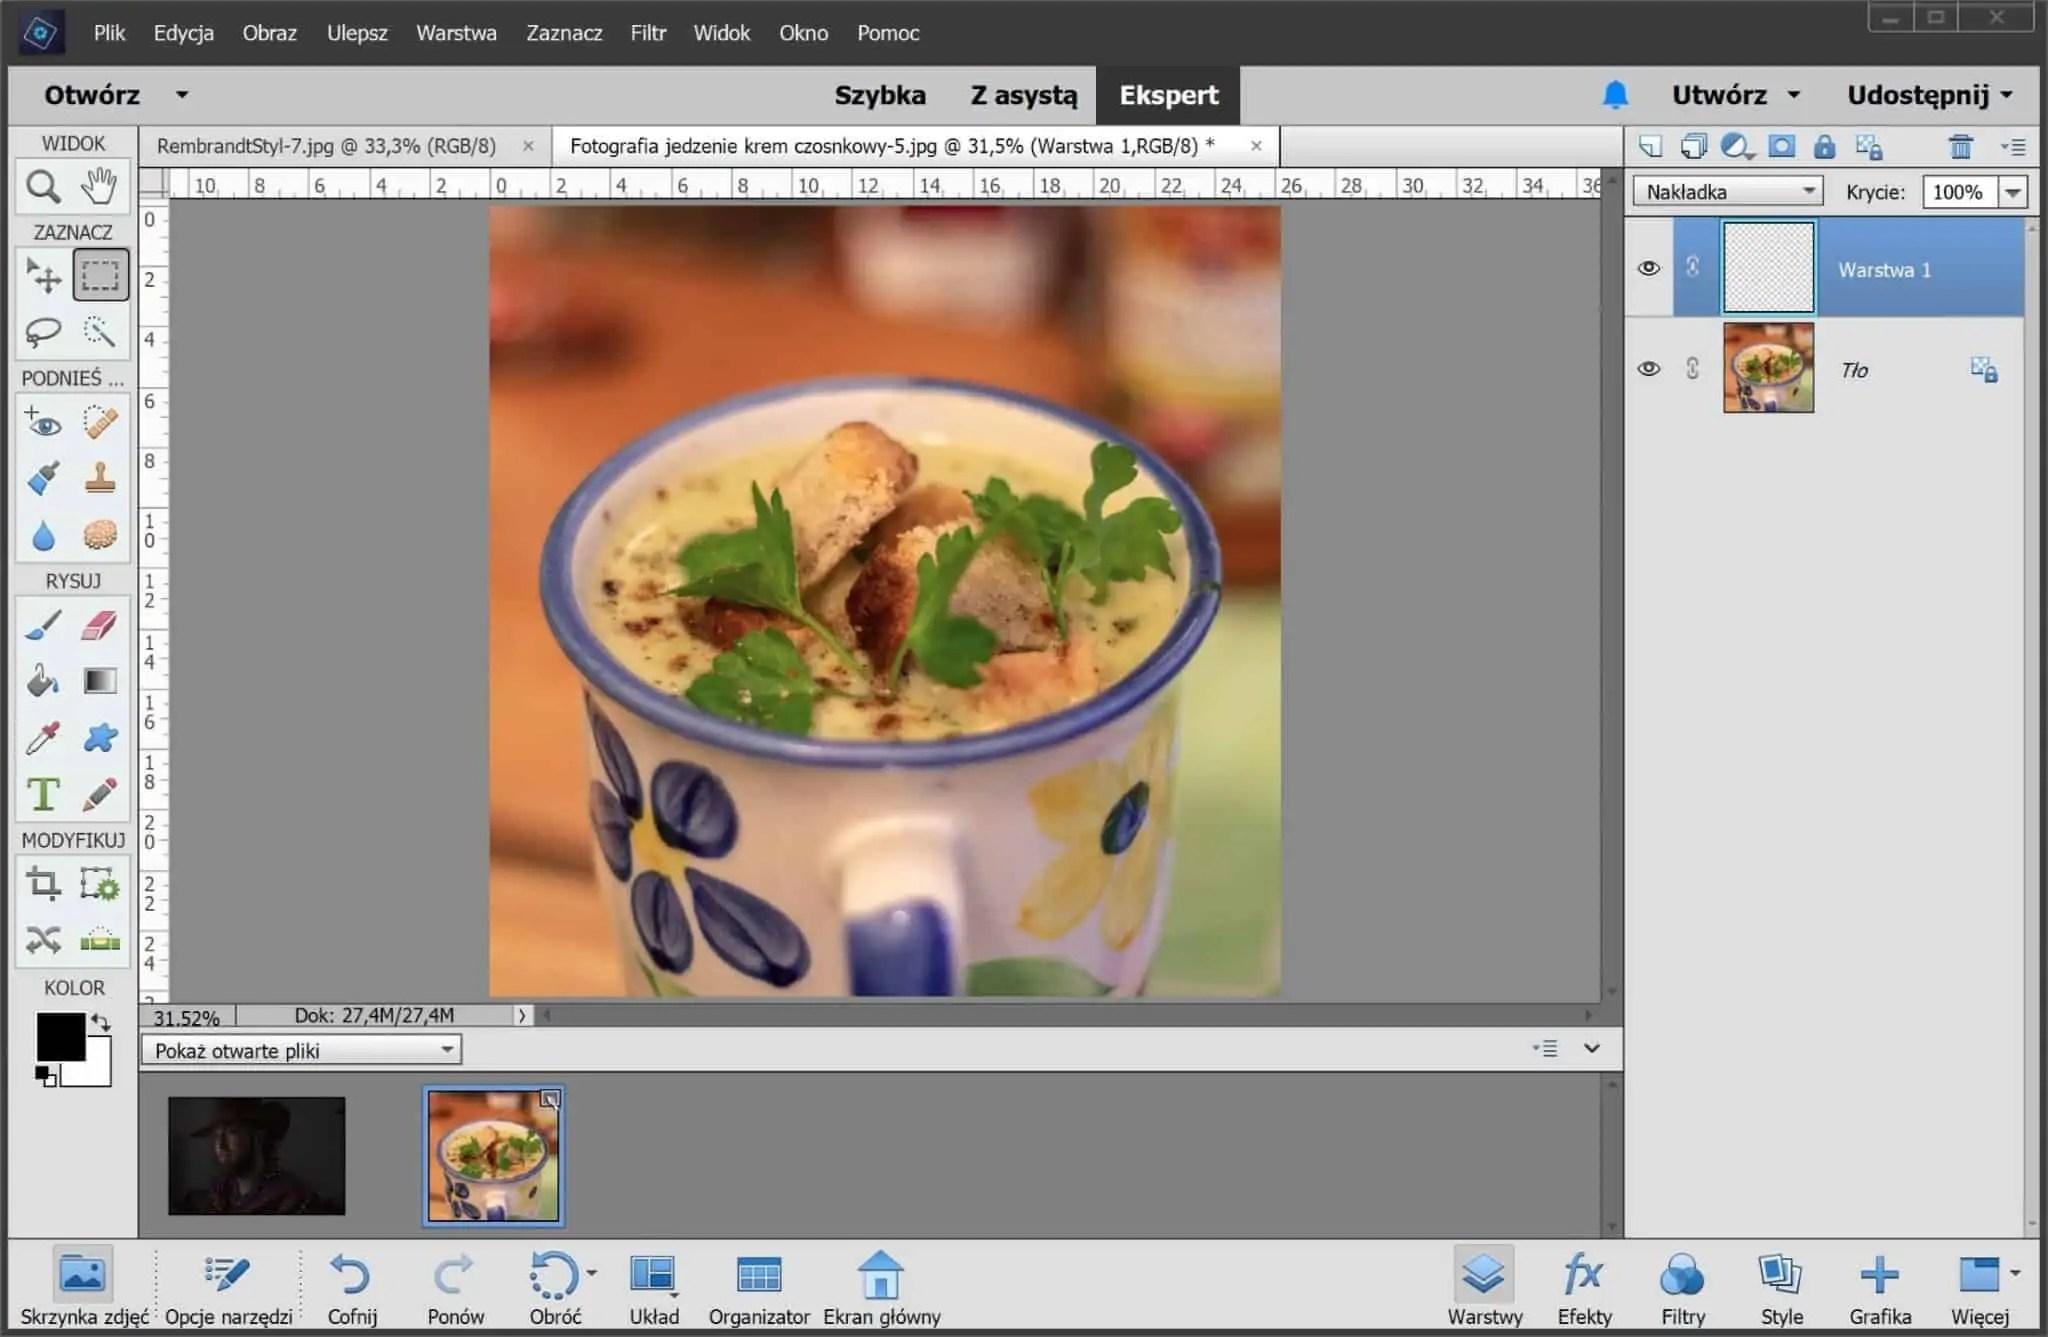 Photoshop elements ekran główny scaled - Affinity photo - alternatywa dla photoshopa